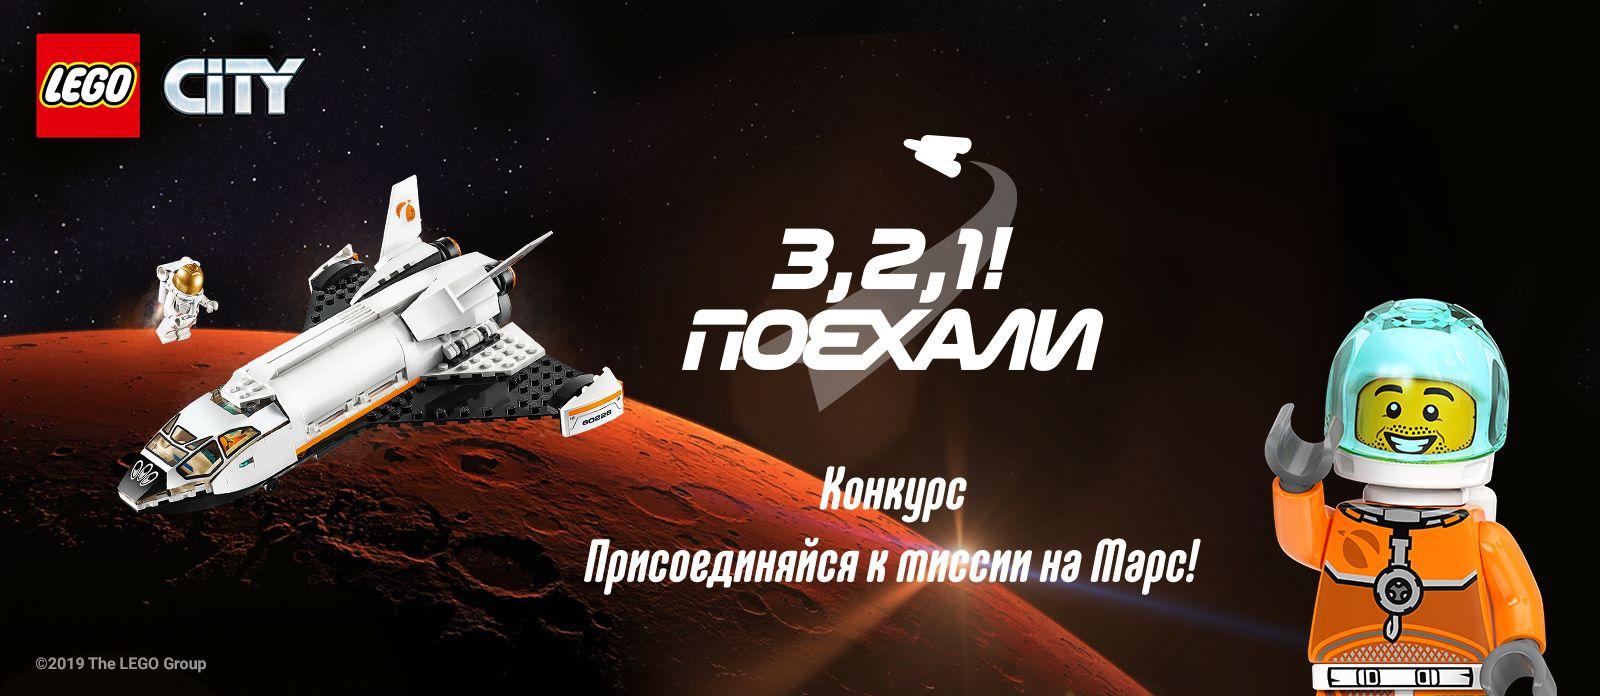 Миссия на Марс! Построй космический корабль